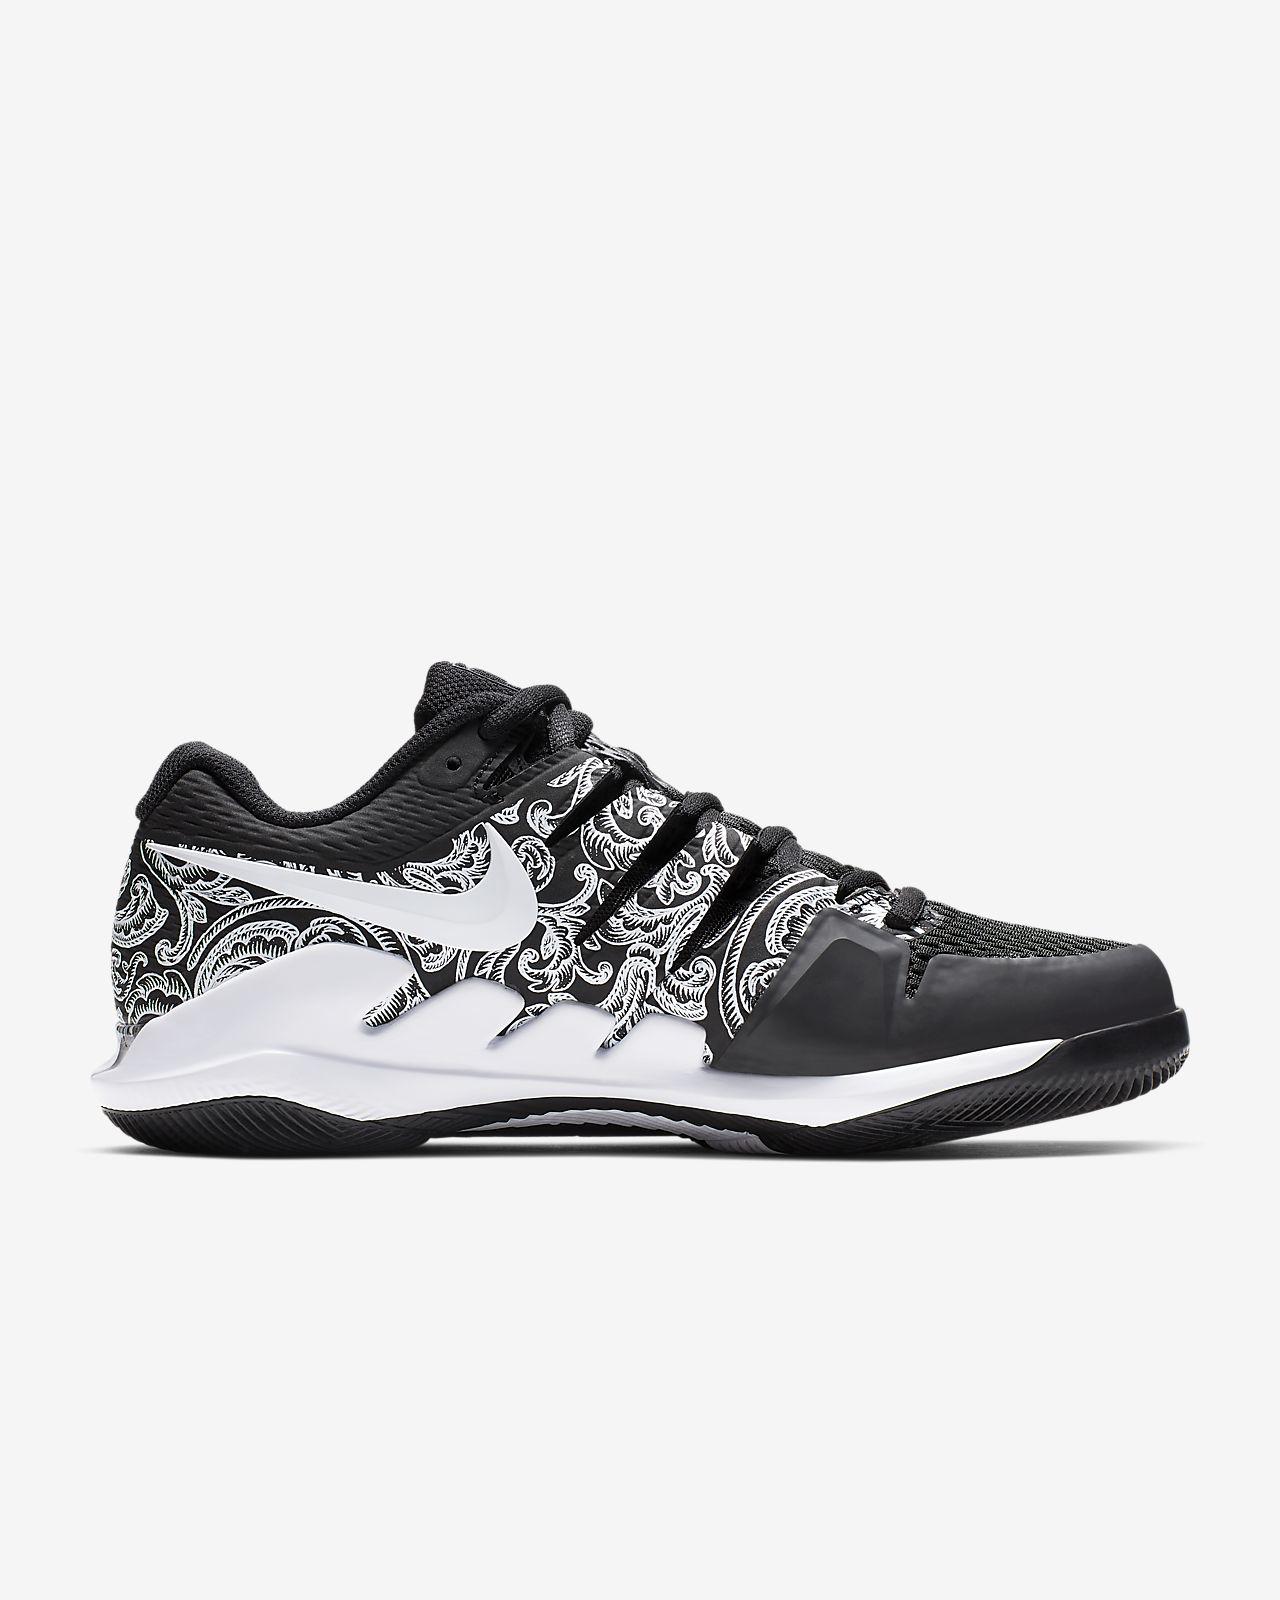 7d9b76e44040 NikeCourt Air Zoom Vapor X Women s Hard Court Tennis Shoe. Nike.com GB